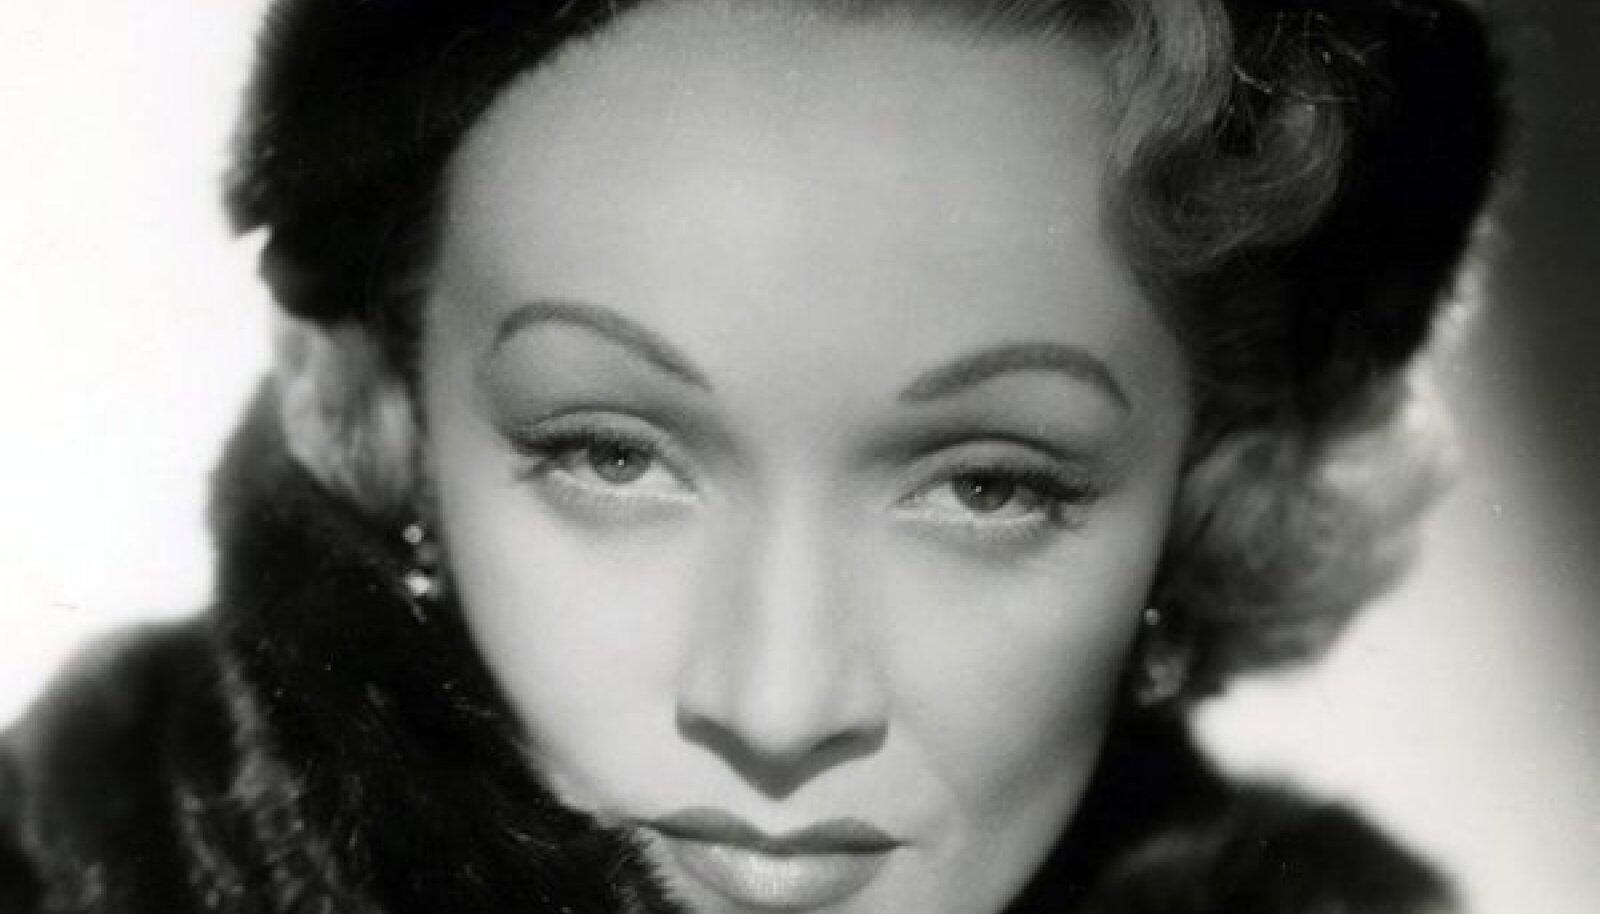 Marleen Dietrich ei varjanudki oma biseksuaalsust ning oli suhtes Greta Garboga